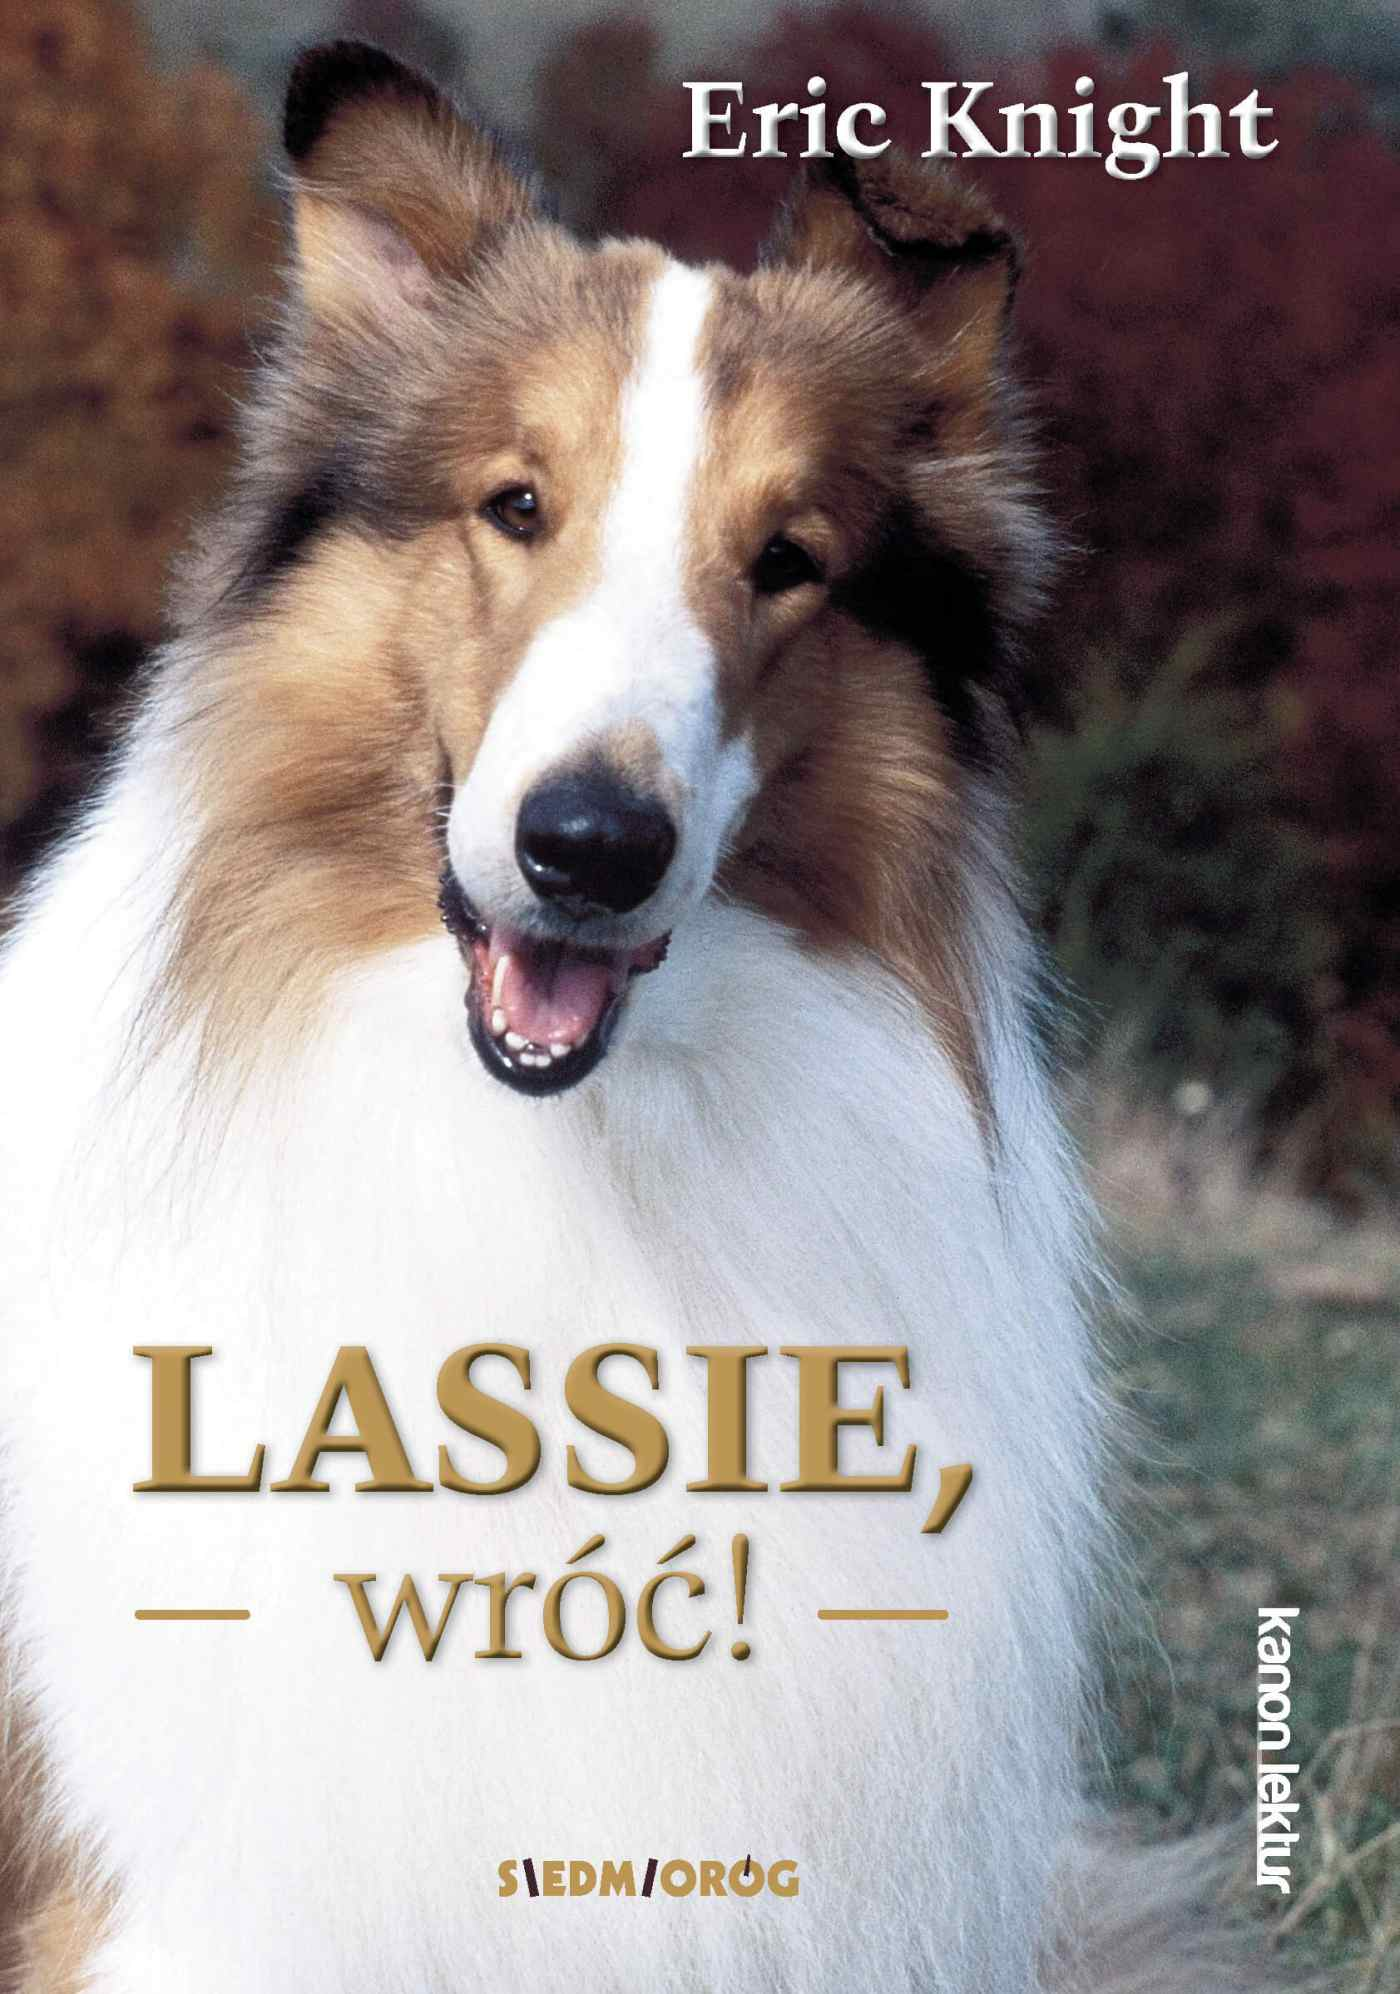 Lassie,wróć! - Ebook (Książka EPUB) do pobrania w formacie EPUB